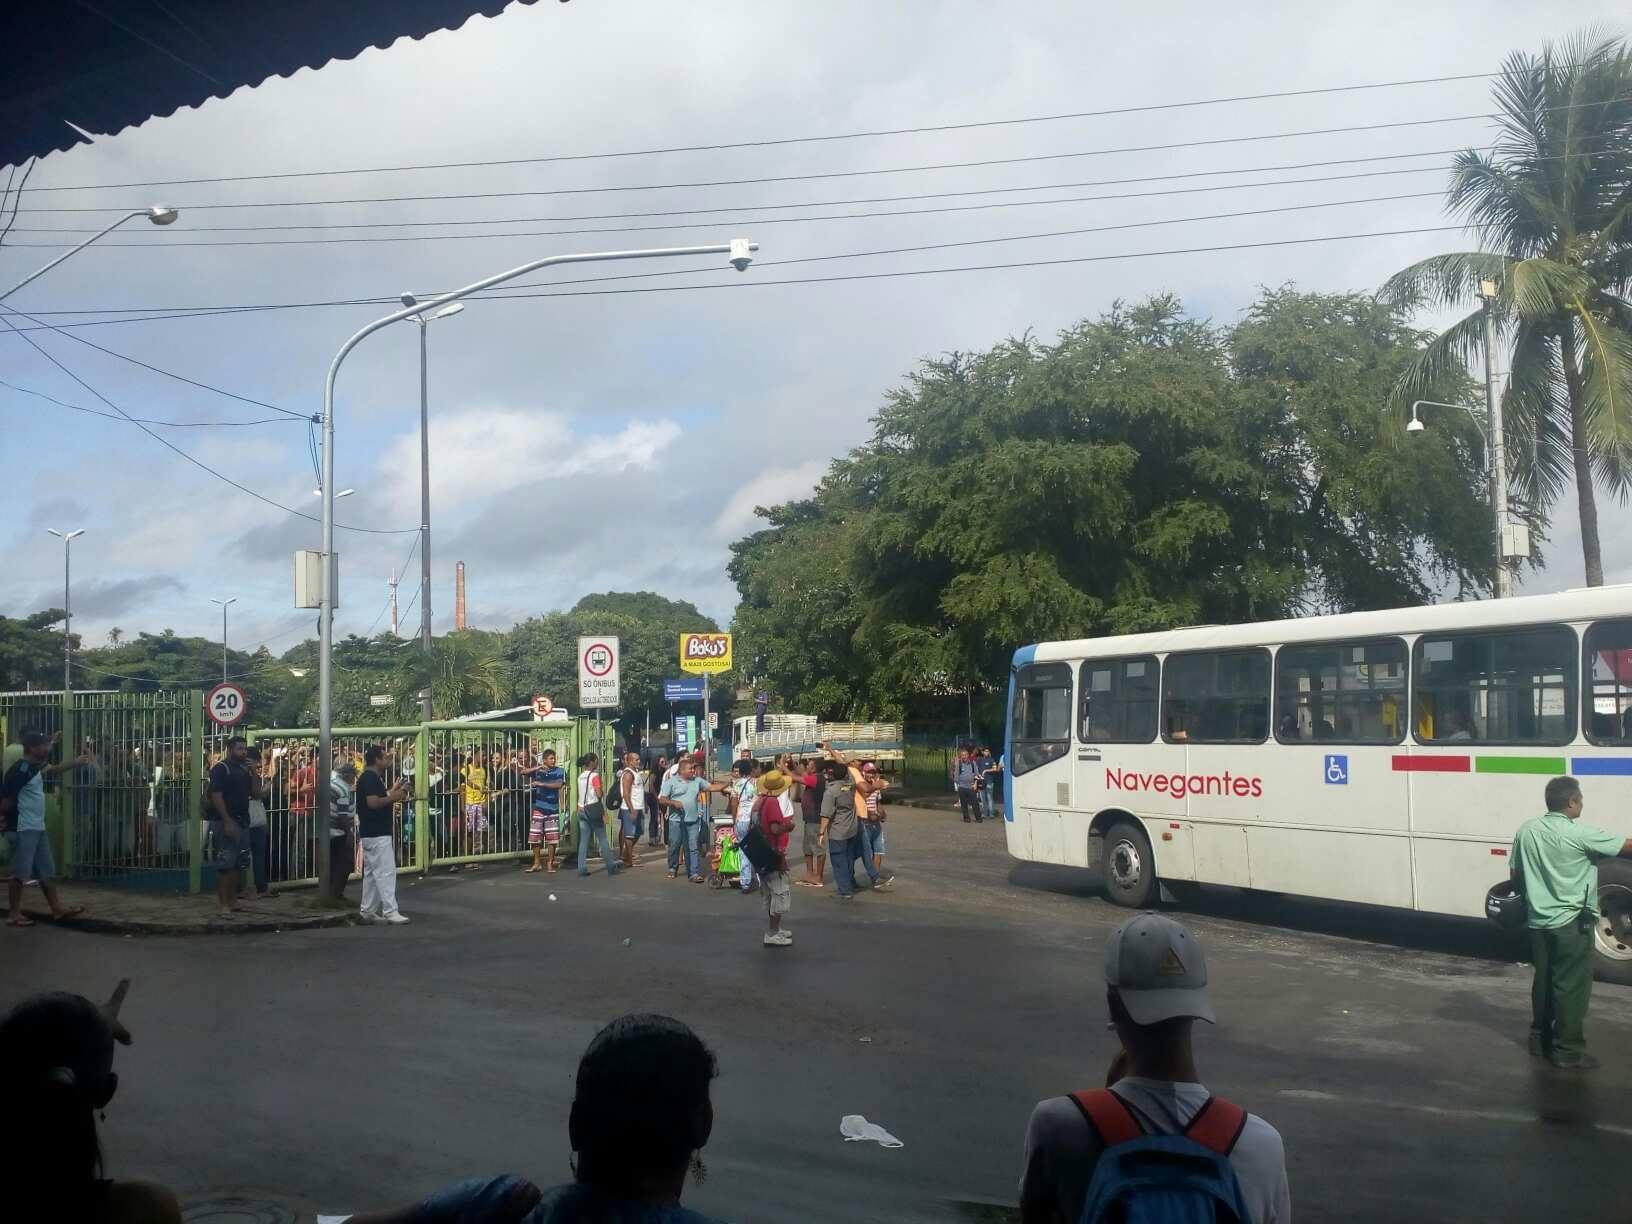 33813095 10214225992755627 1905464646052085760 n 1 - RUAS, GARAGEM DE EMPRESA E INTEGRAÇÃO FECHADAS: manifestantes impedem entrada e saída de ônibus